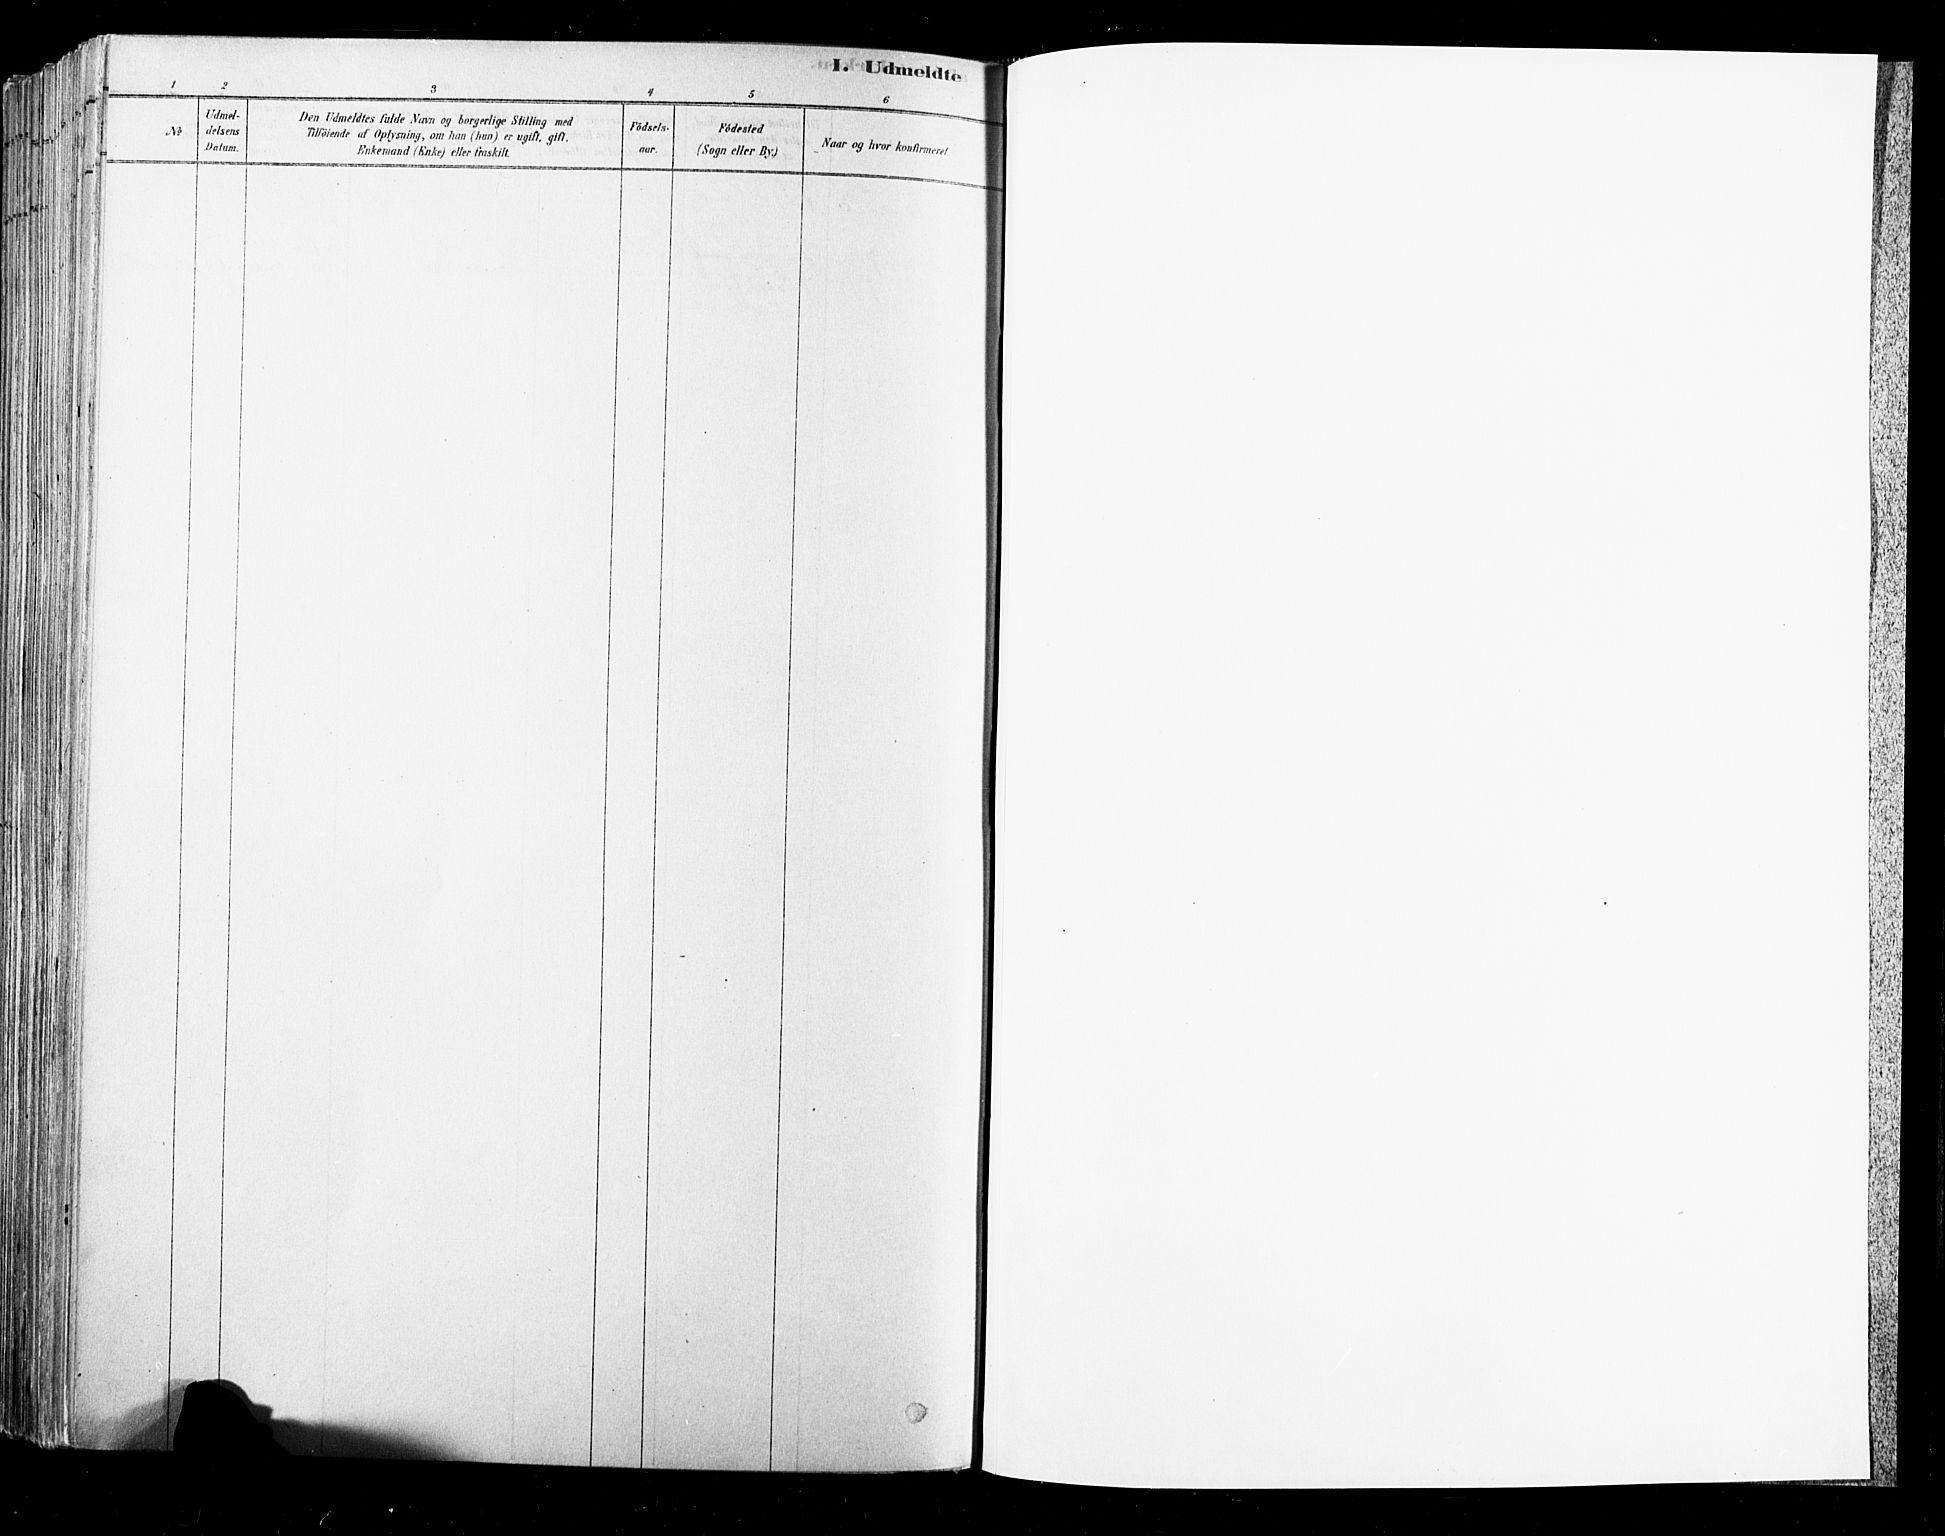 SAKO, Strømsø kirkebøker, F/Fb/L0006: Ministerialbok nr. II 6, 1879-1910